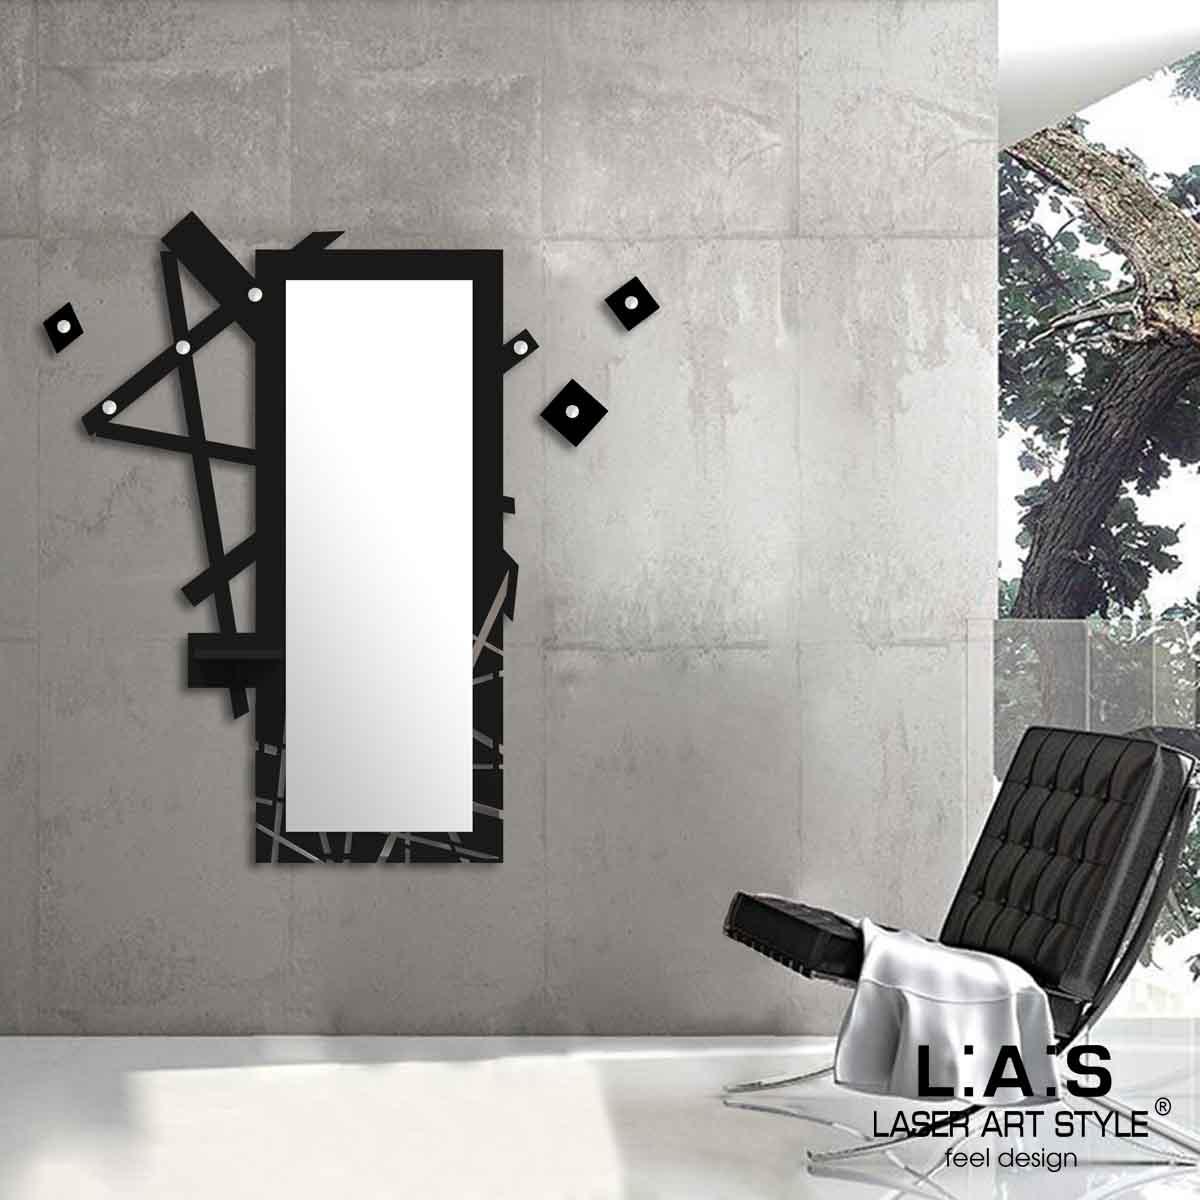 L:A:S - Laser Art Style - SPECCHIERA-MENSOLA-APPENDIABITI-DESIGN MINIMAL – SI-293 NERO